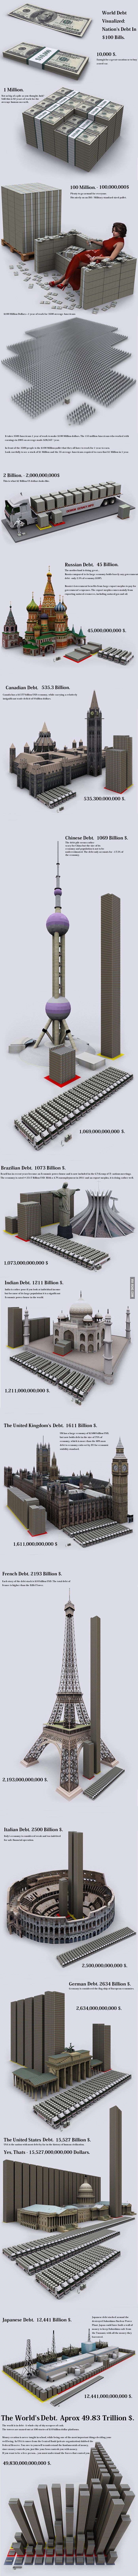 Worlds Debt